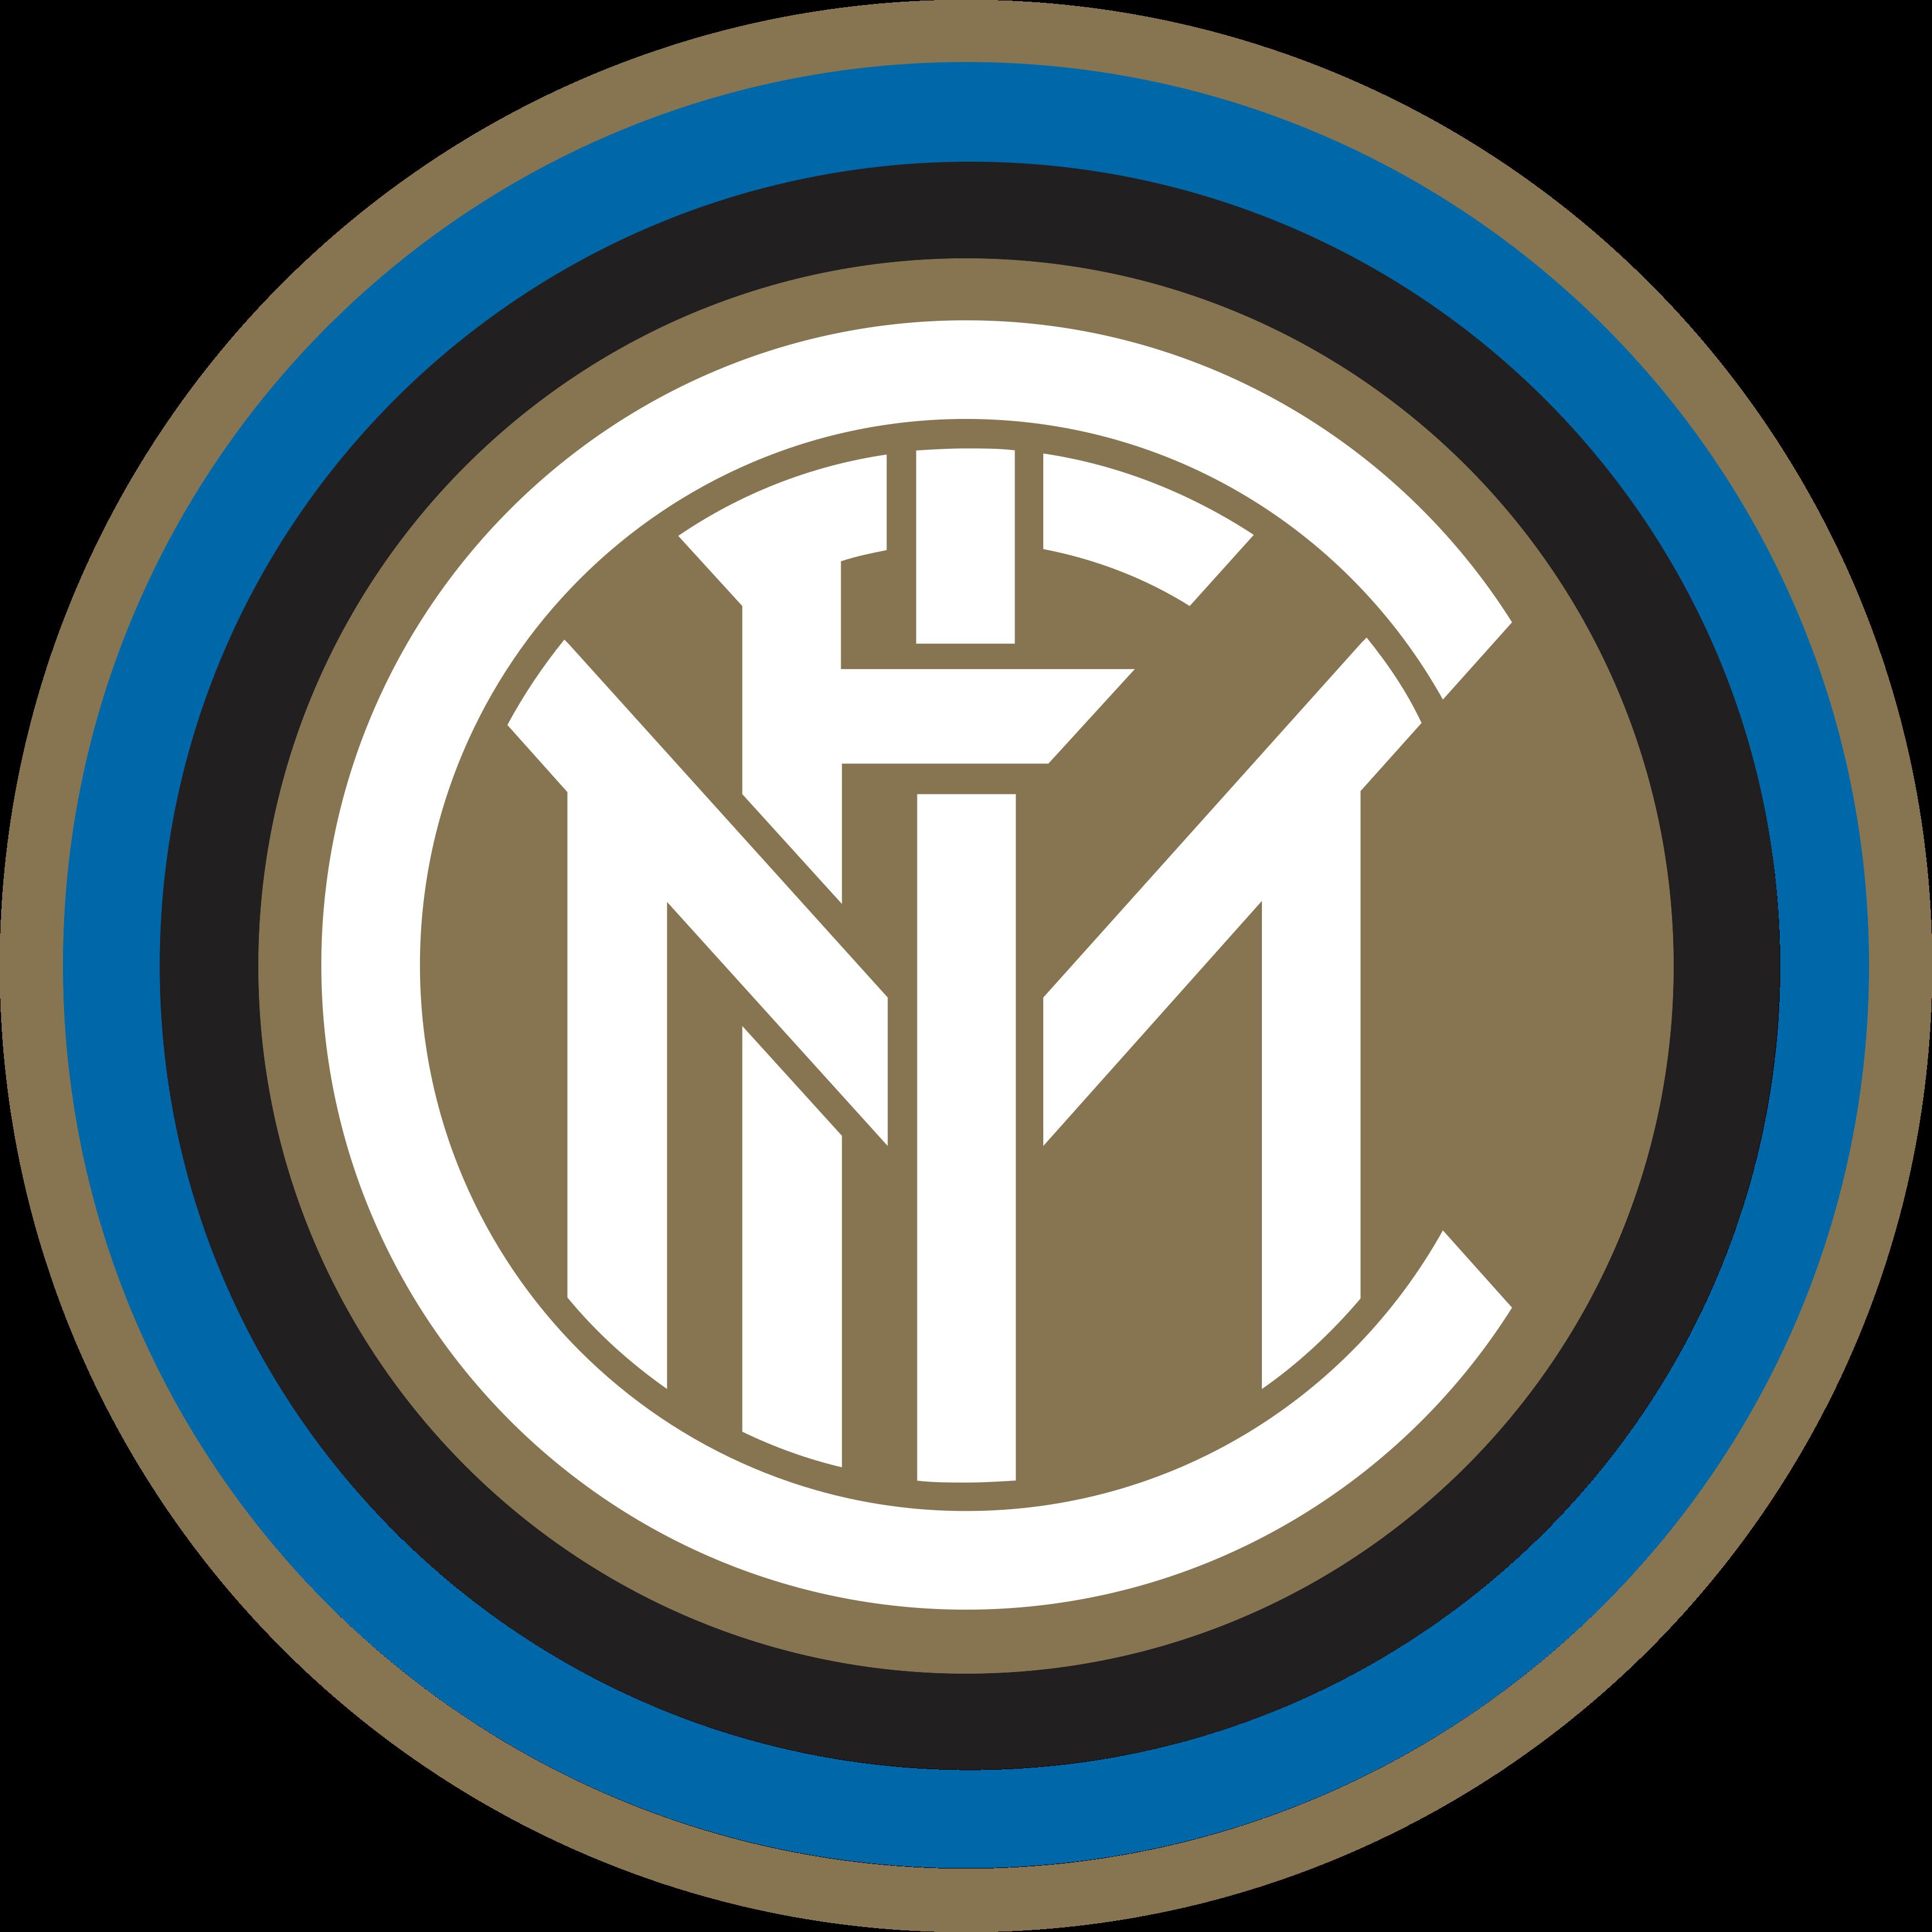 Internazionale milano logo, escudo, inter de milão lgo, escudo.